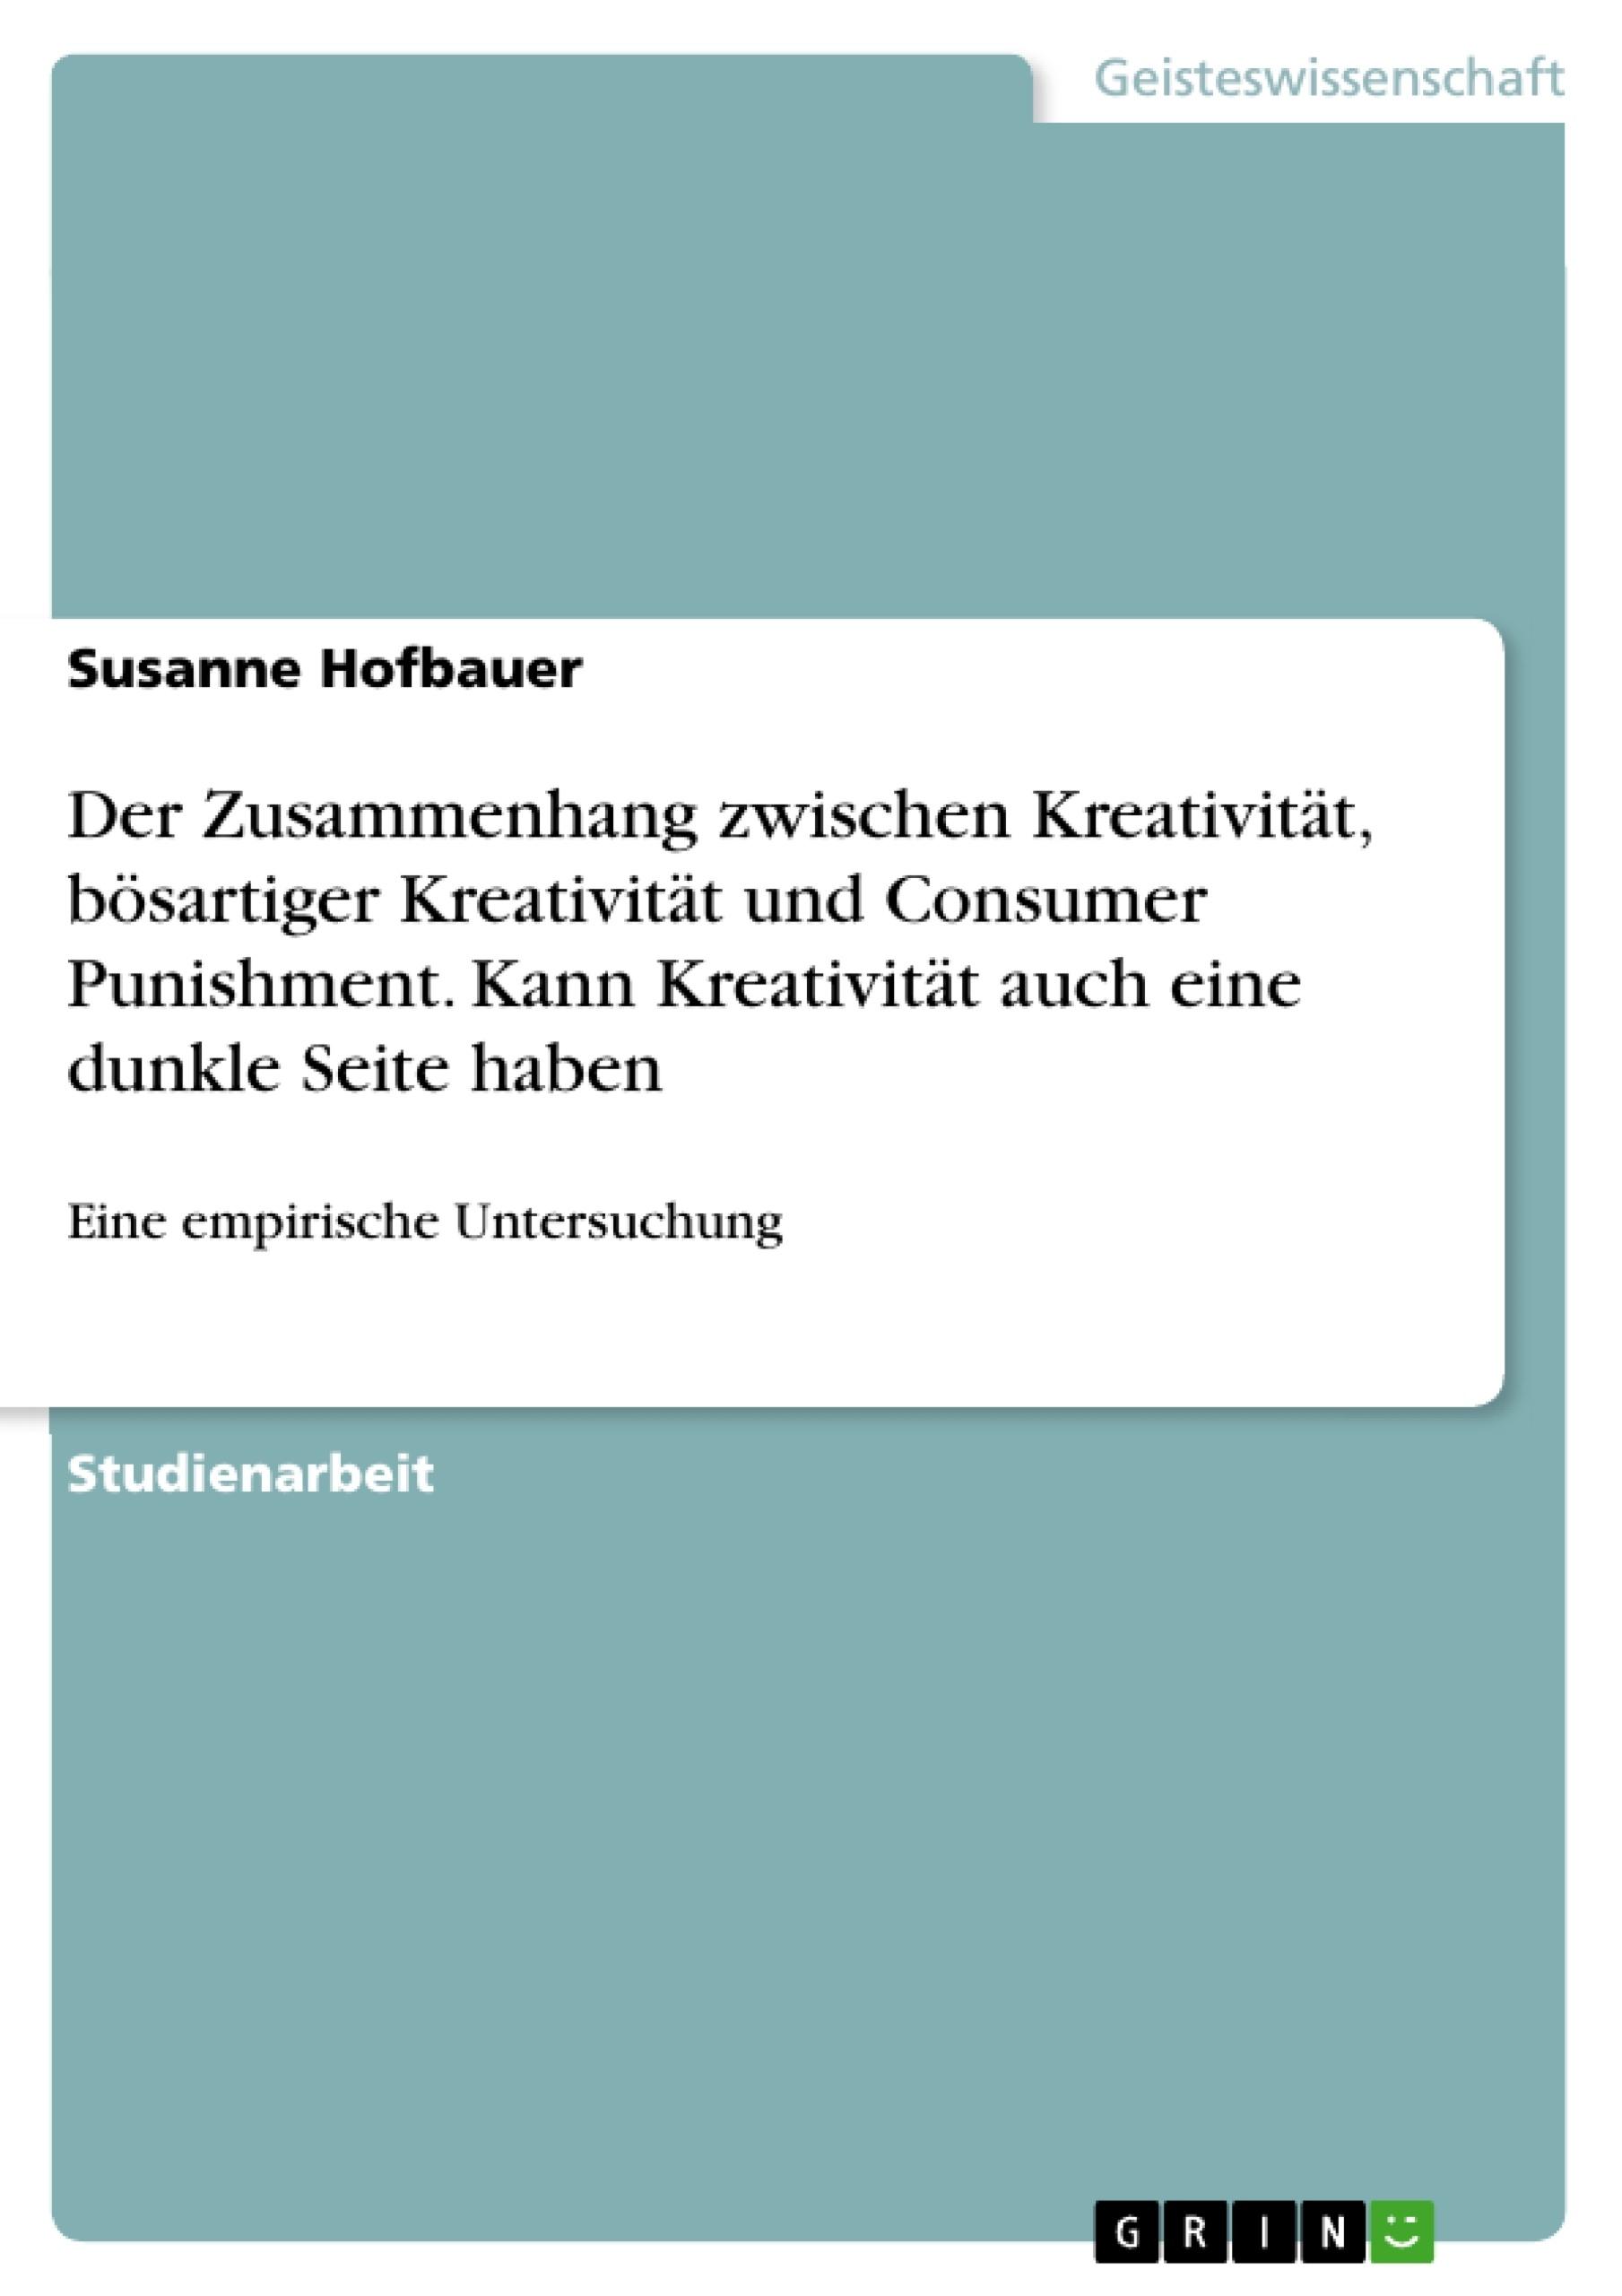 Titel: Der Zusammenhang zwischen Kreativität, bösartiger Kreativität und Consumer Punishment. Kann Kreativität auch eine dunkle Seite haben